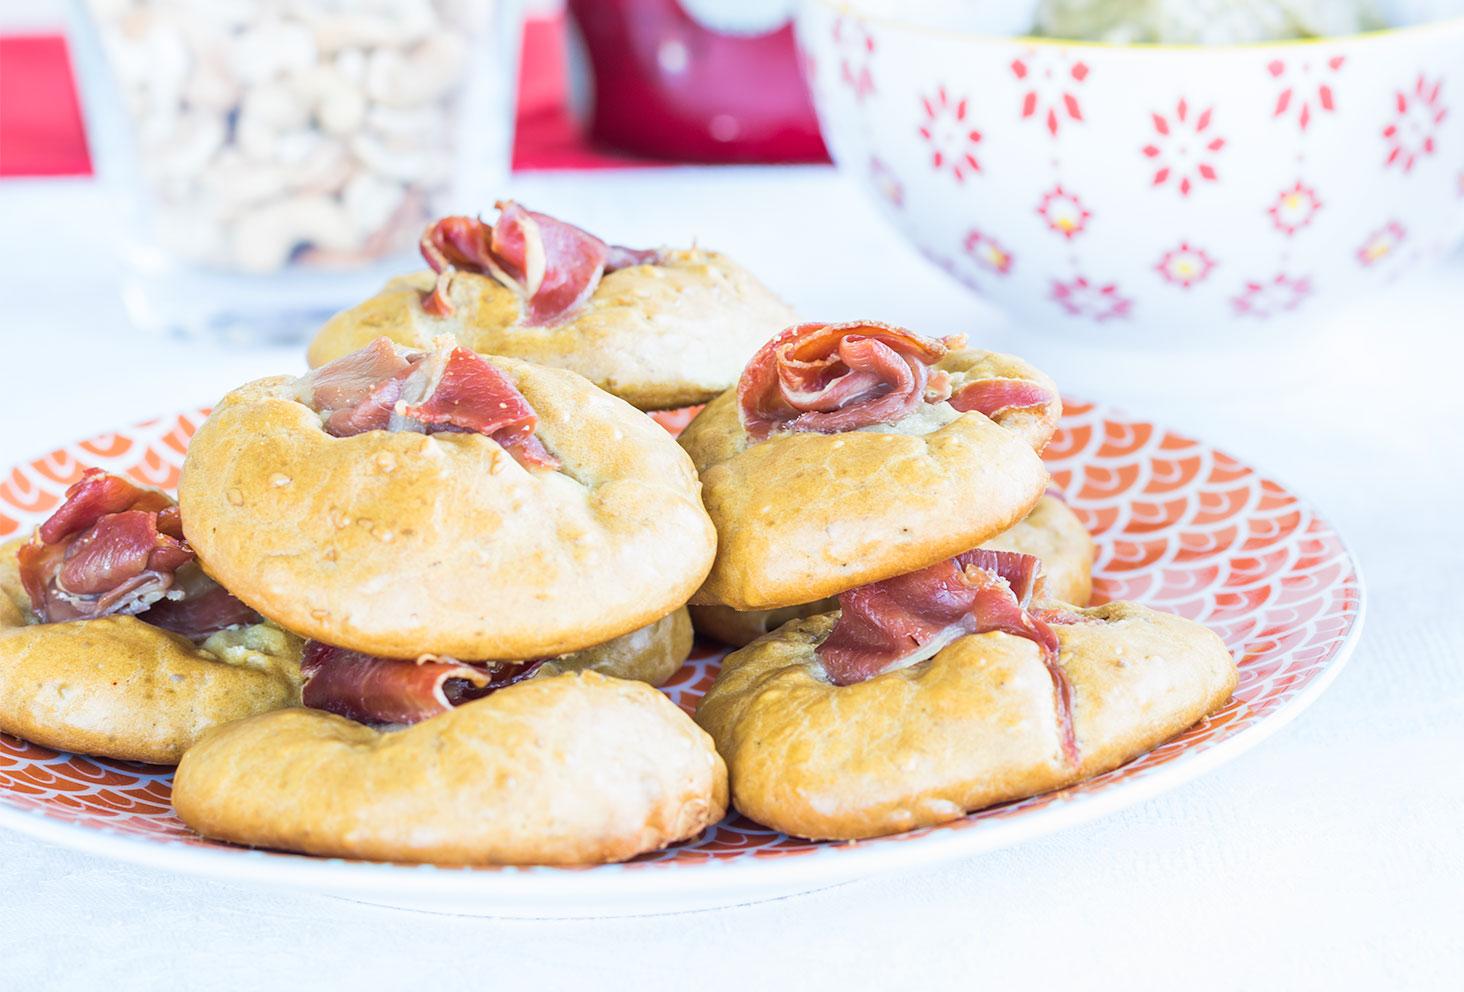 Recette apéritive de l'été, les cookies salés aux graines de sésame et jambon de parme dans une assiette Zodio orange et blanche